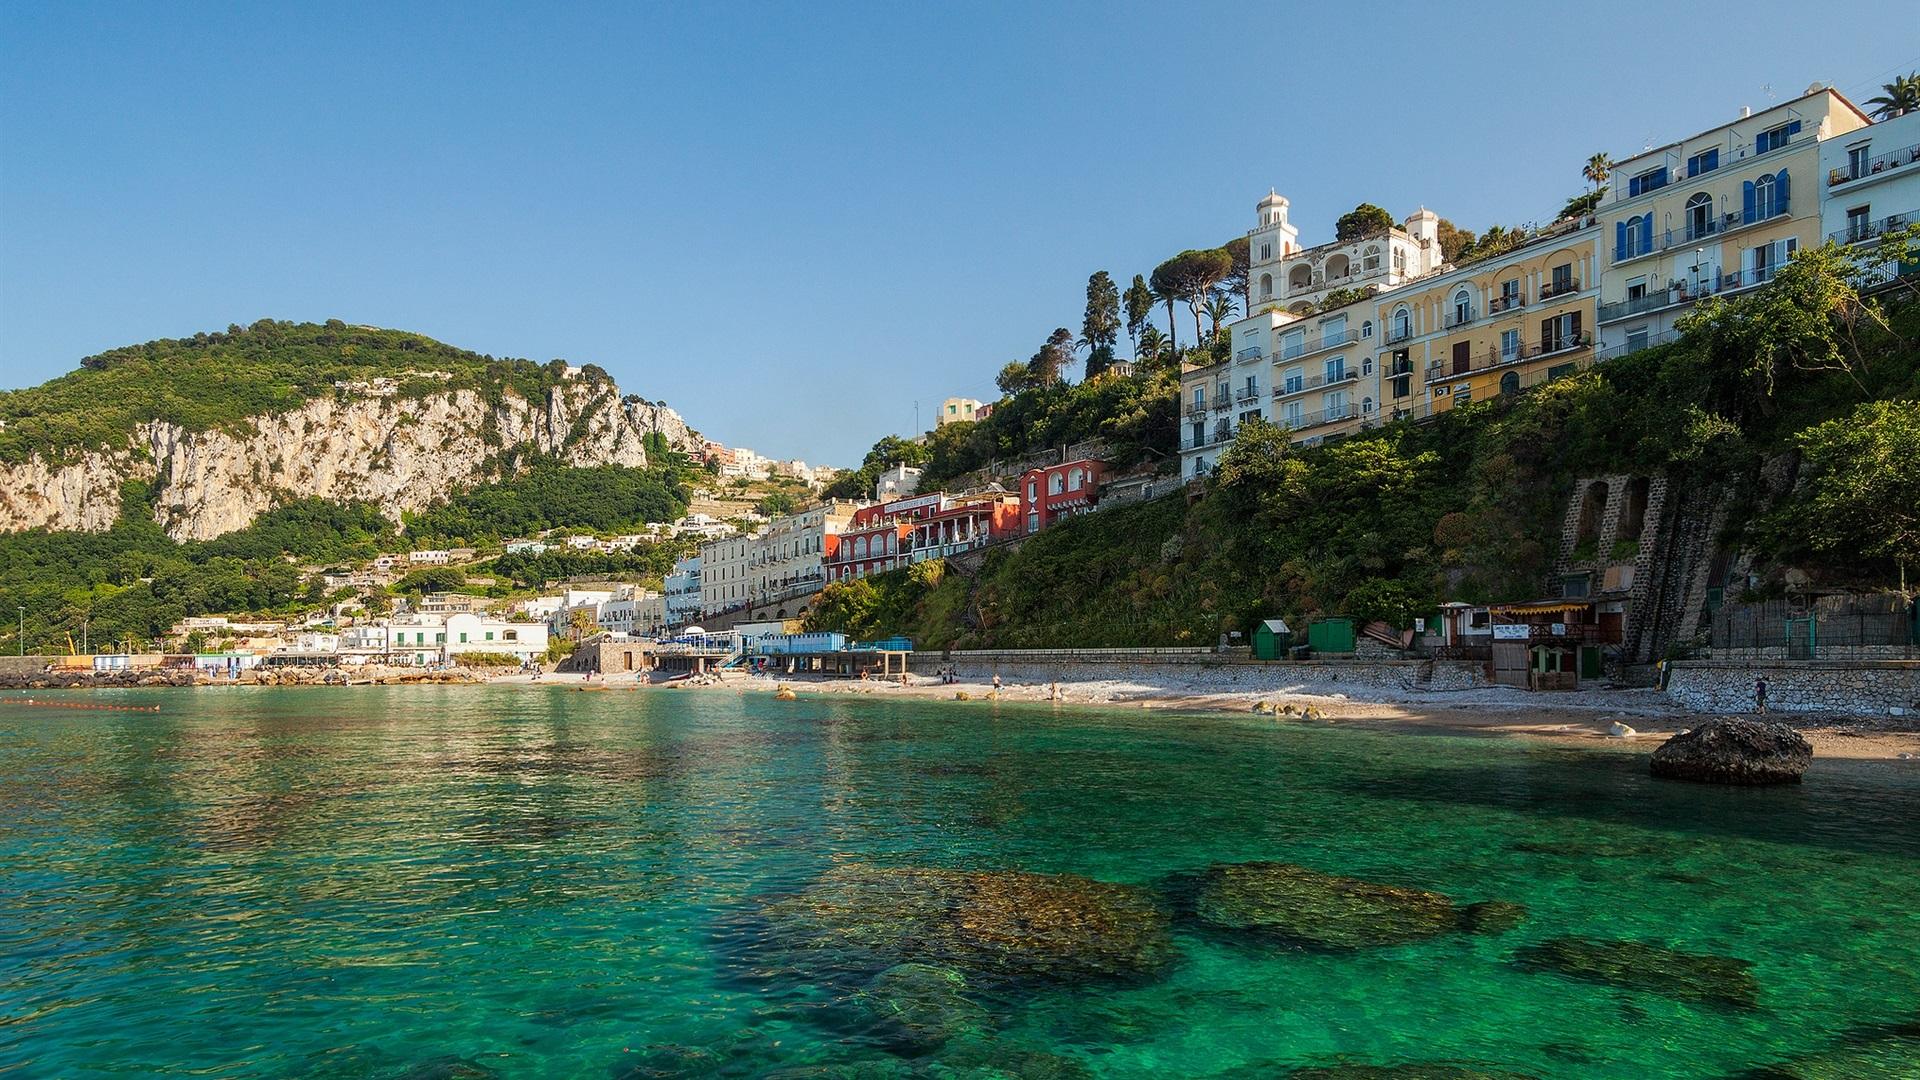 阿纳卡普里,卡普里岛,意大利,城市,海岛,海岸,海,岩石,房屋 壁纸图片